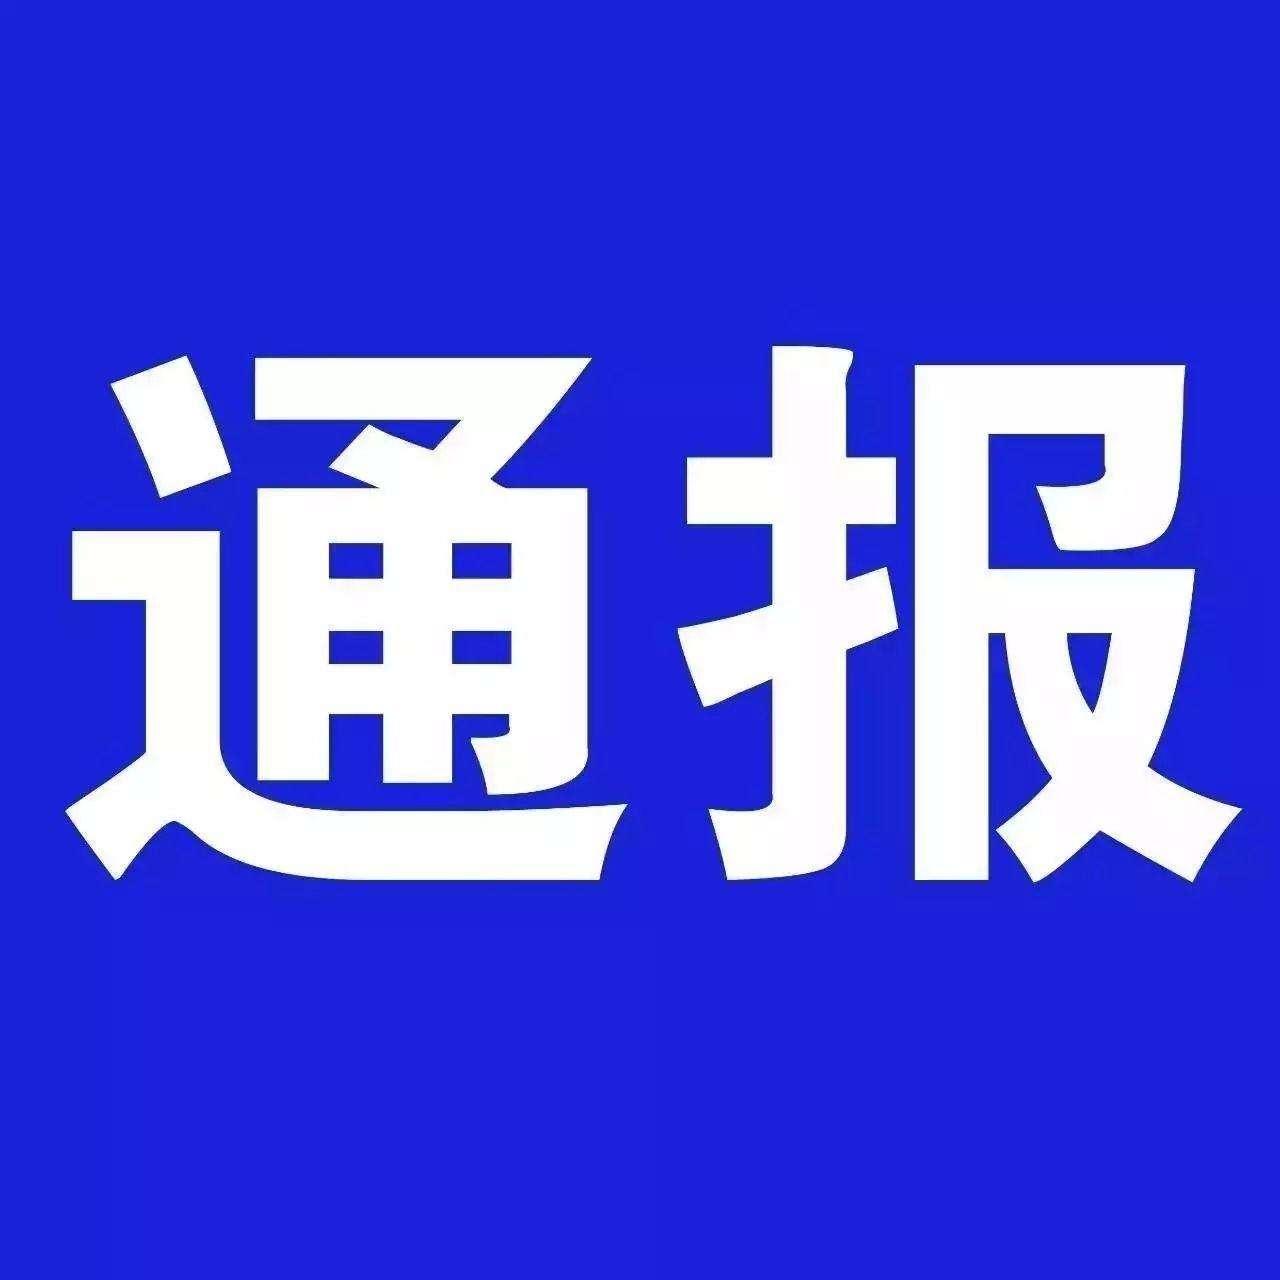 【通报】前郭县纪委监委关于近期查处的典型案例的通报